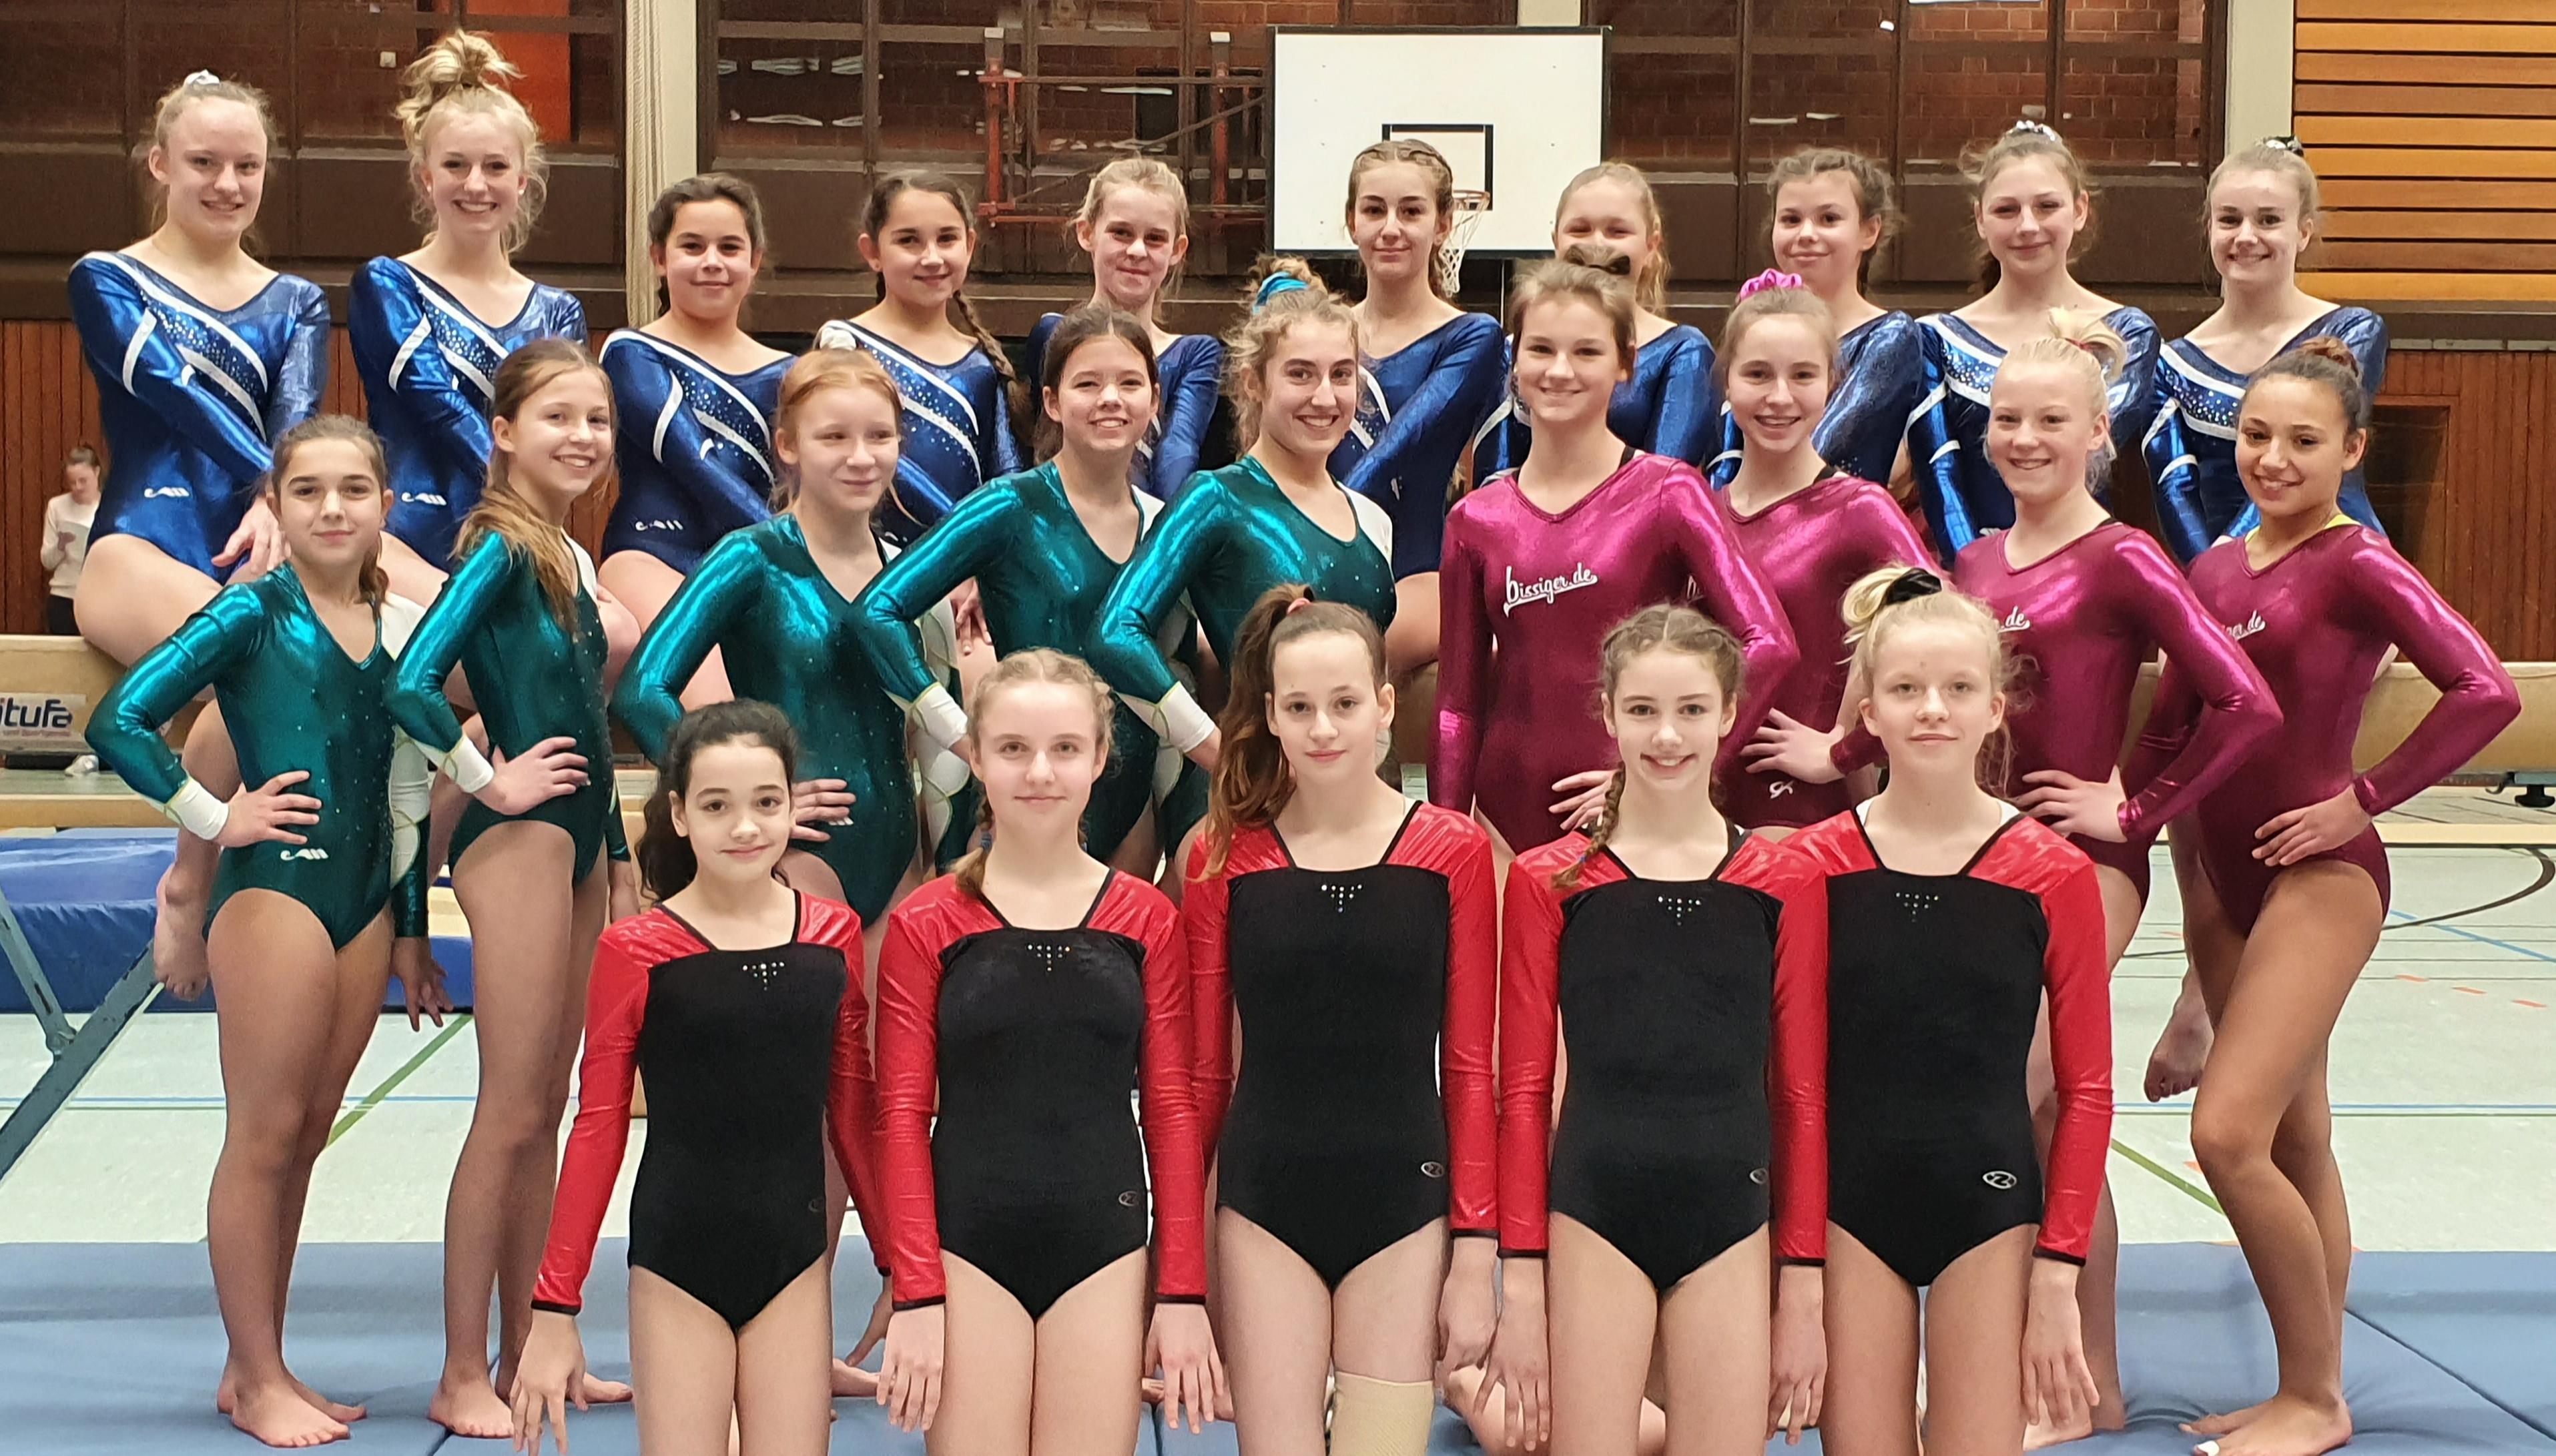 Jugend trainiert f. Olympia-Bielefeld